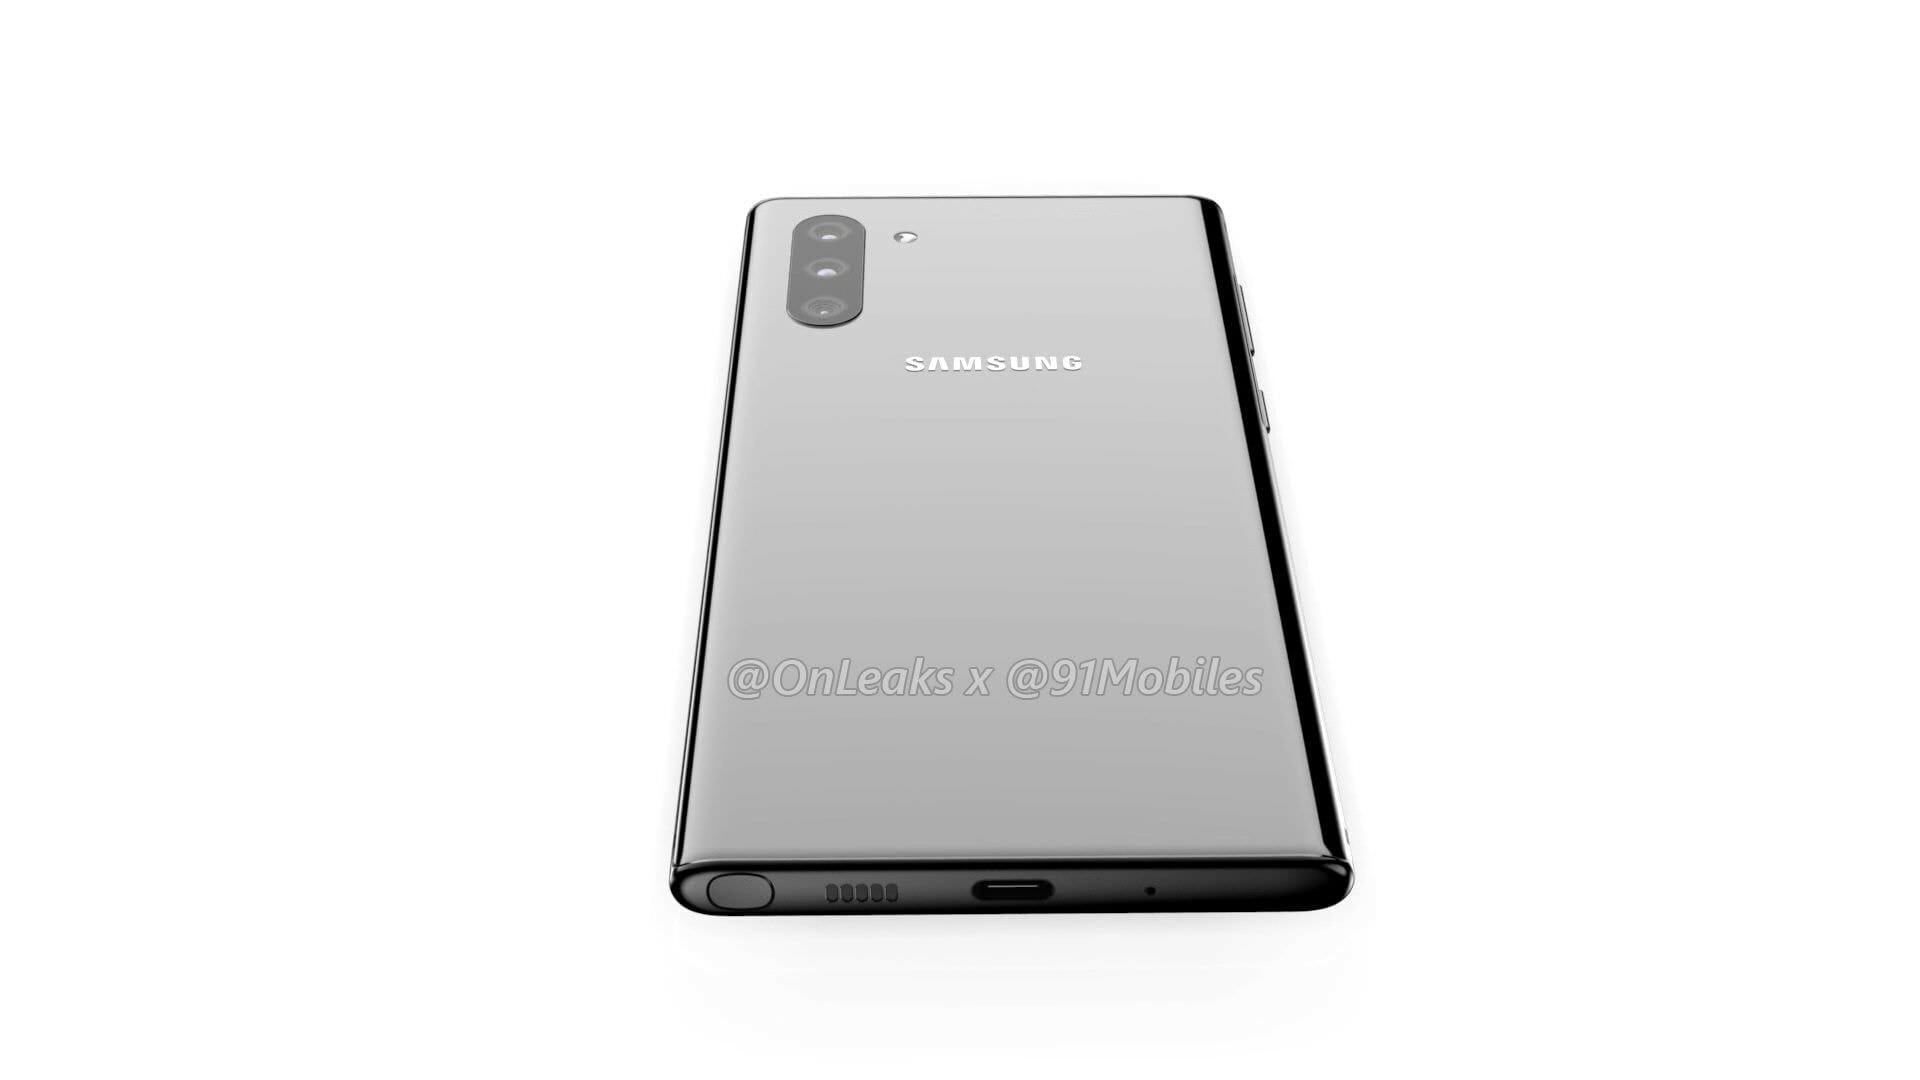 หลุดข้อมูล Samsung Galaxy Note 10 ย้ายกล้องหลังไว้ด้านข้าง แล้วย้ายกล้องหน้ามาตรงกลาง 7